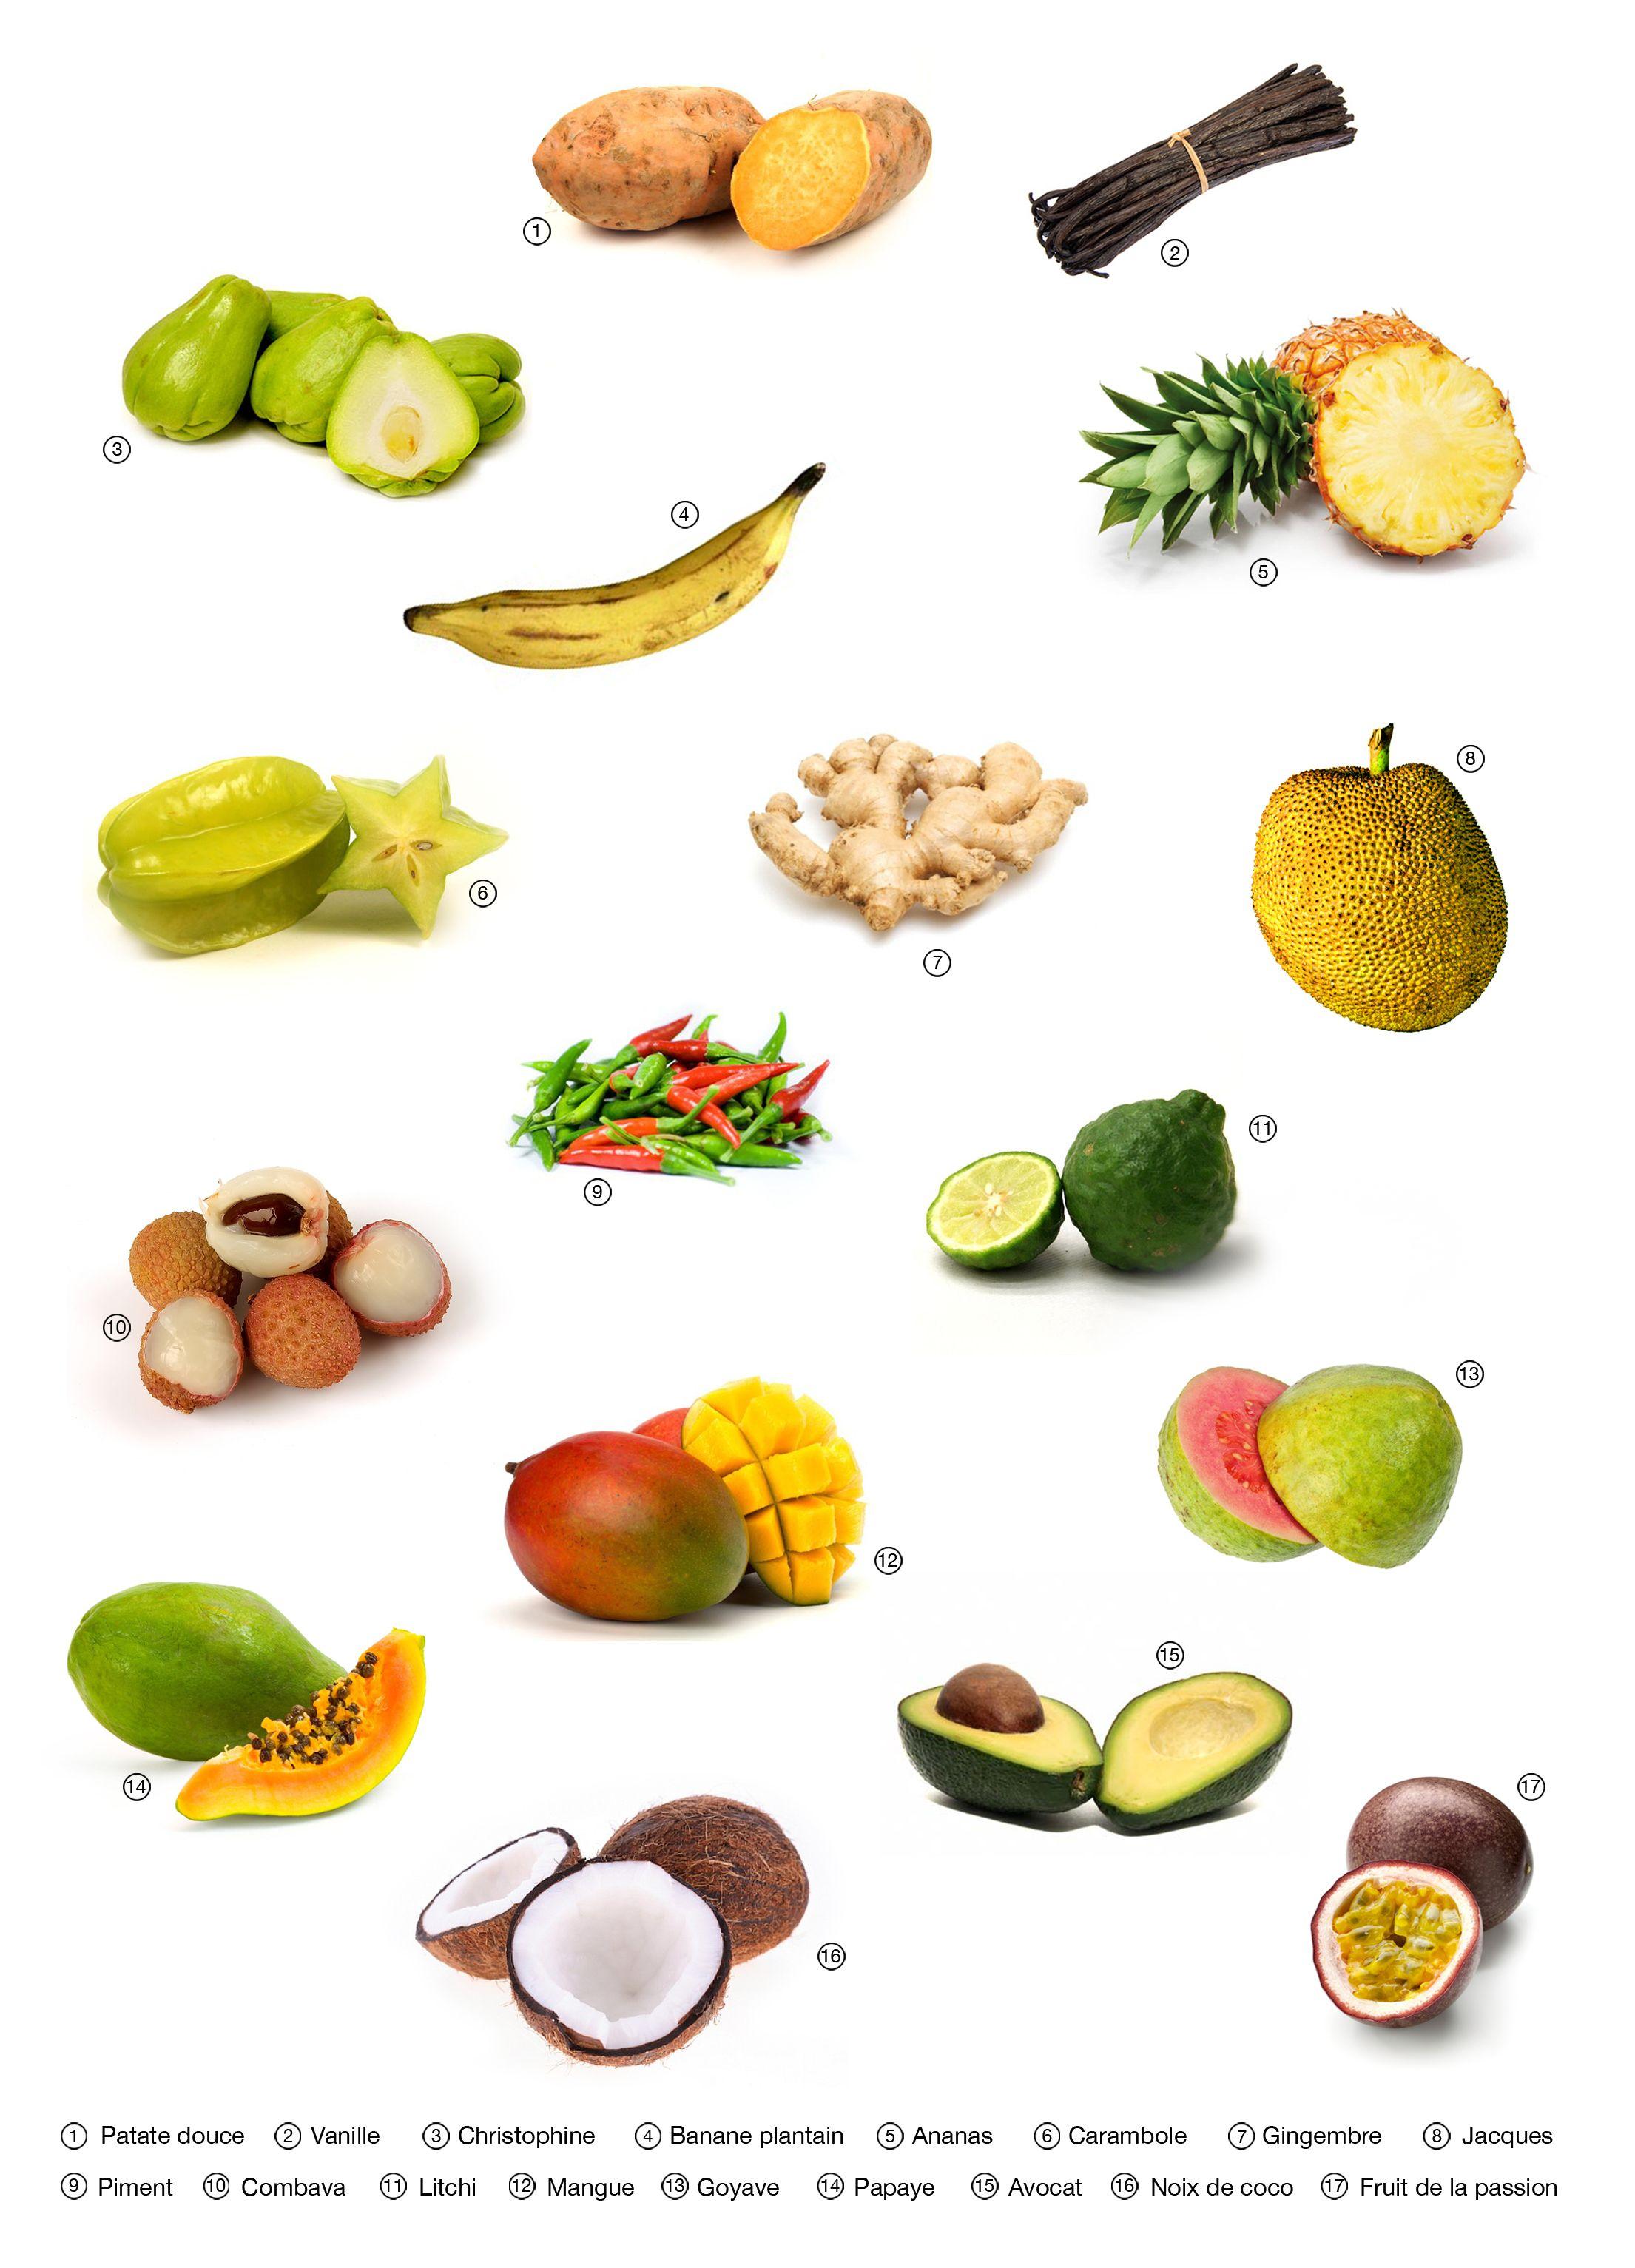 Imagier langues venez enrichir votre vocabulaire sur - Image fruit exotique ...